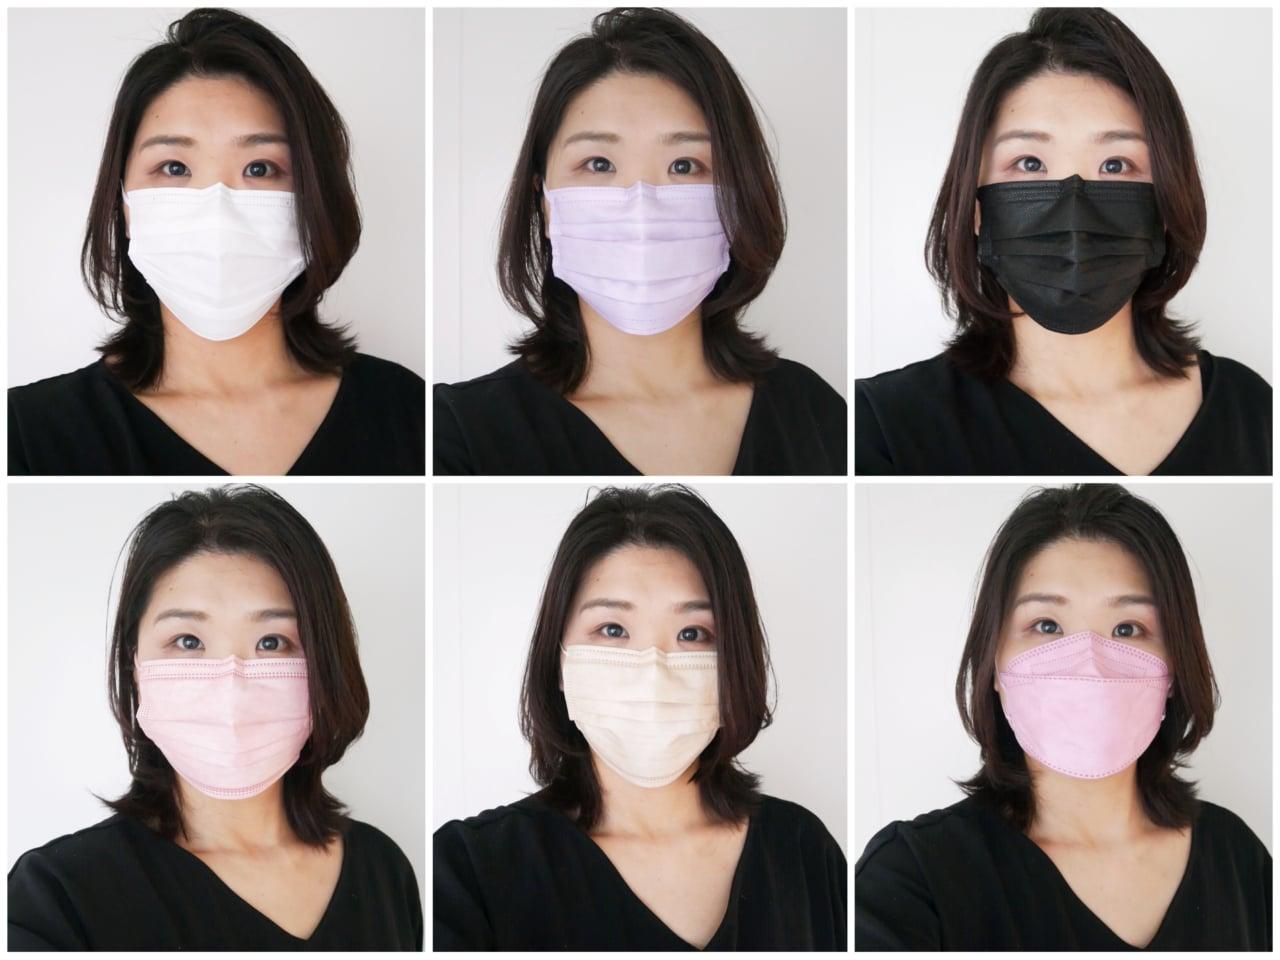 不織布マスク カラー 着け比べ 似合う色 小顔マスク